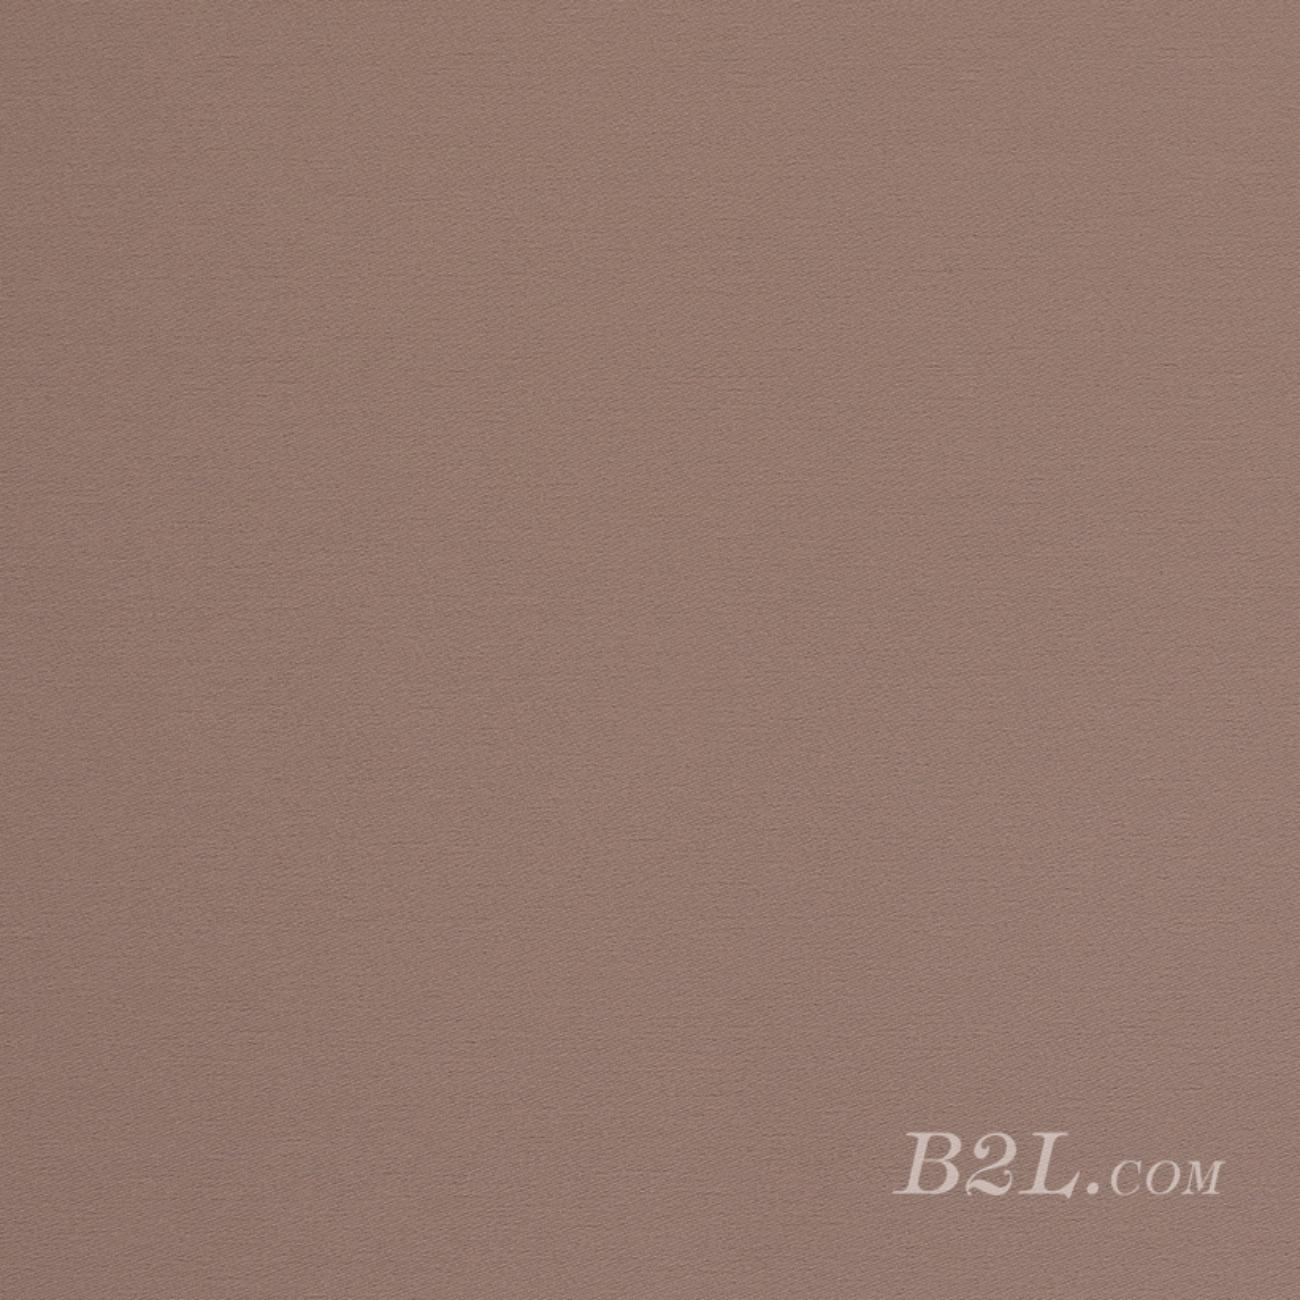 素色 梭织 染色 低弹 全涤 外套 连衣裙 时装 80910-1